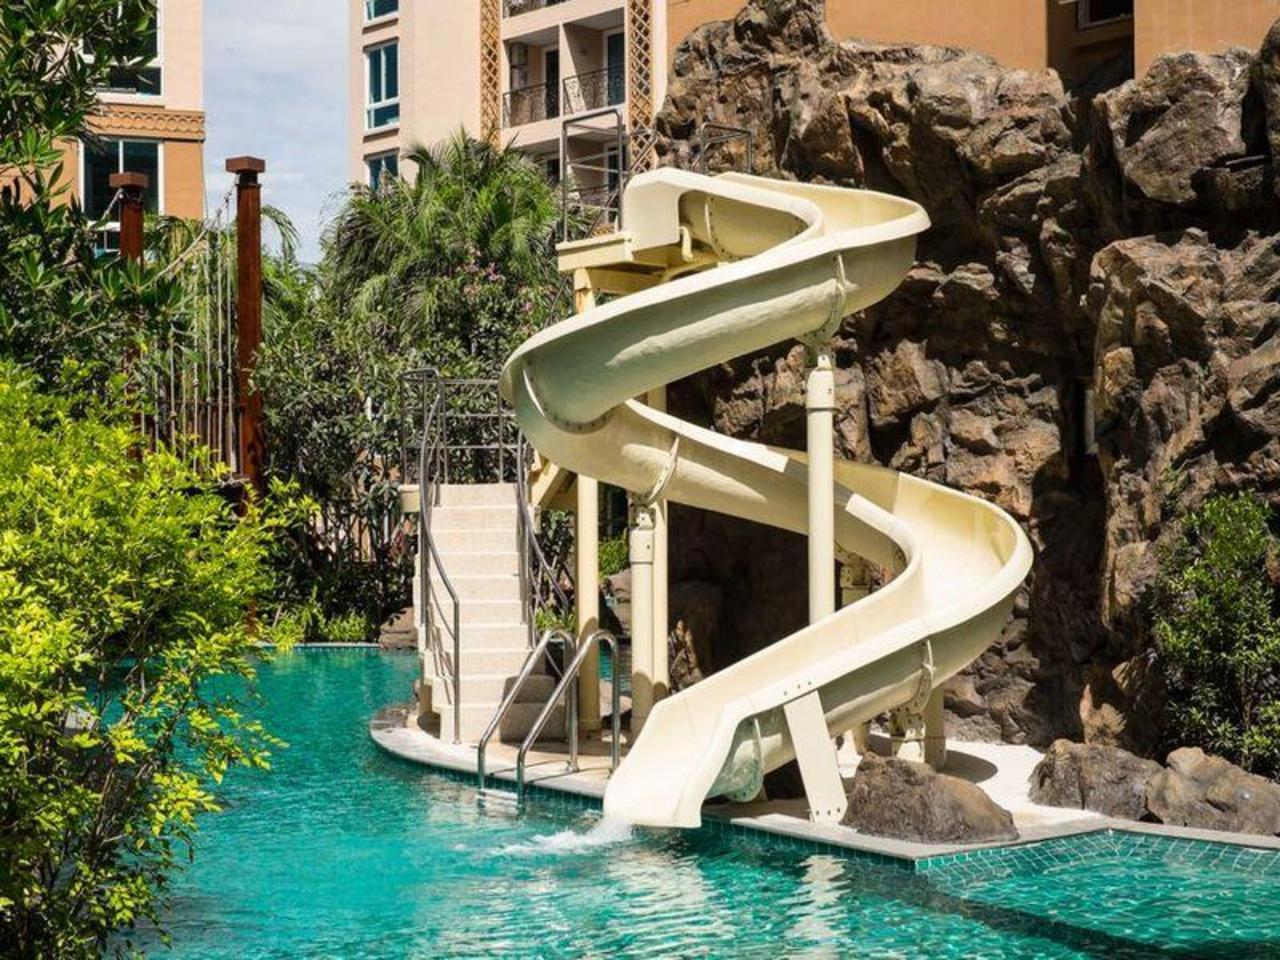 แอทแลนติส คอนโด รีสอร์ต บาย เอ404 - 405 (Atlantis Condo Resort by A404-405)